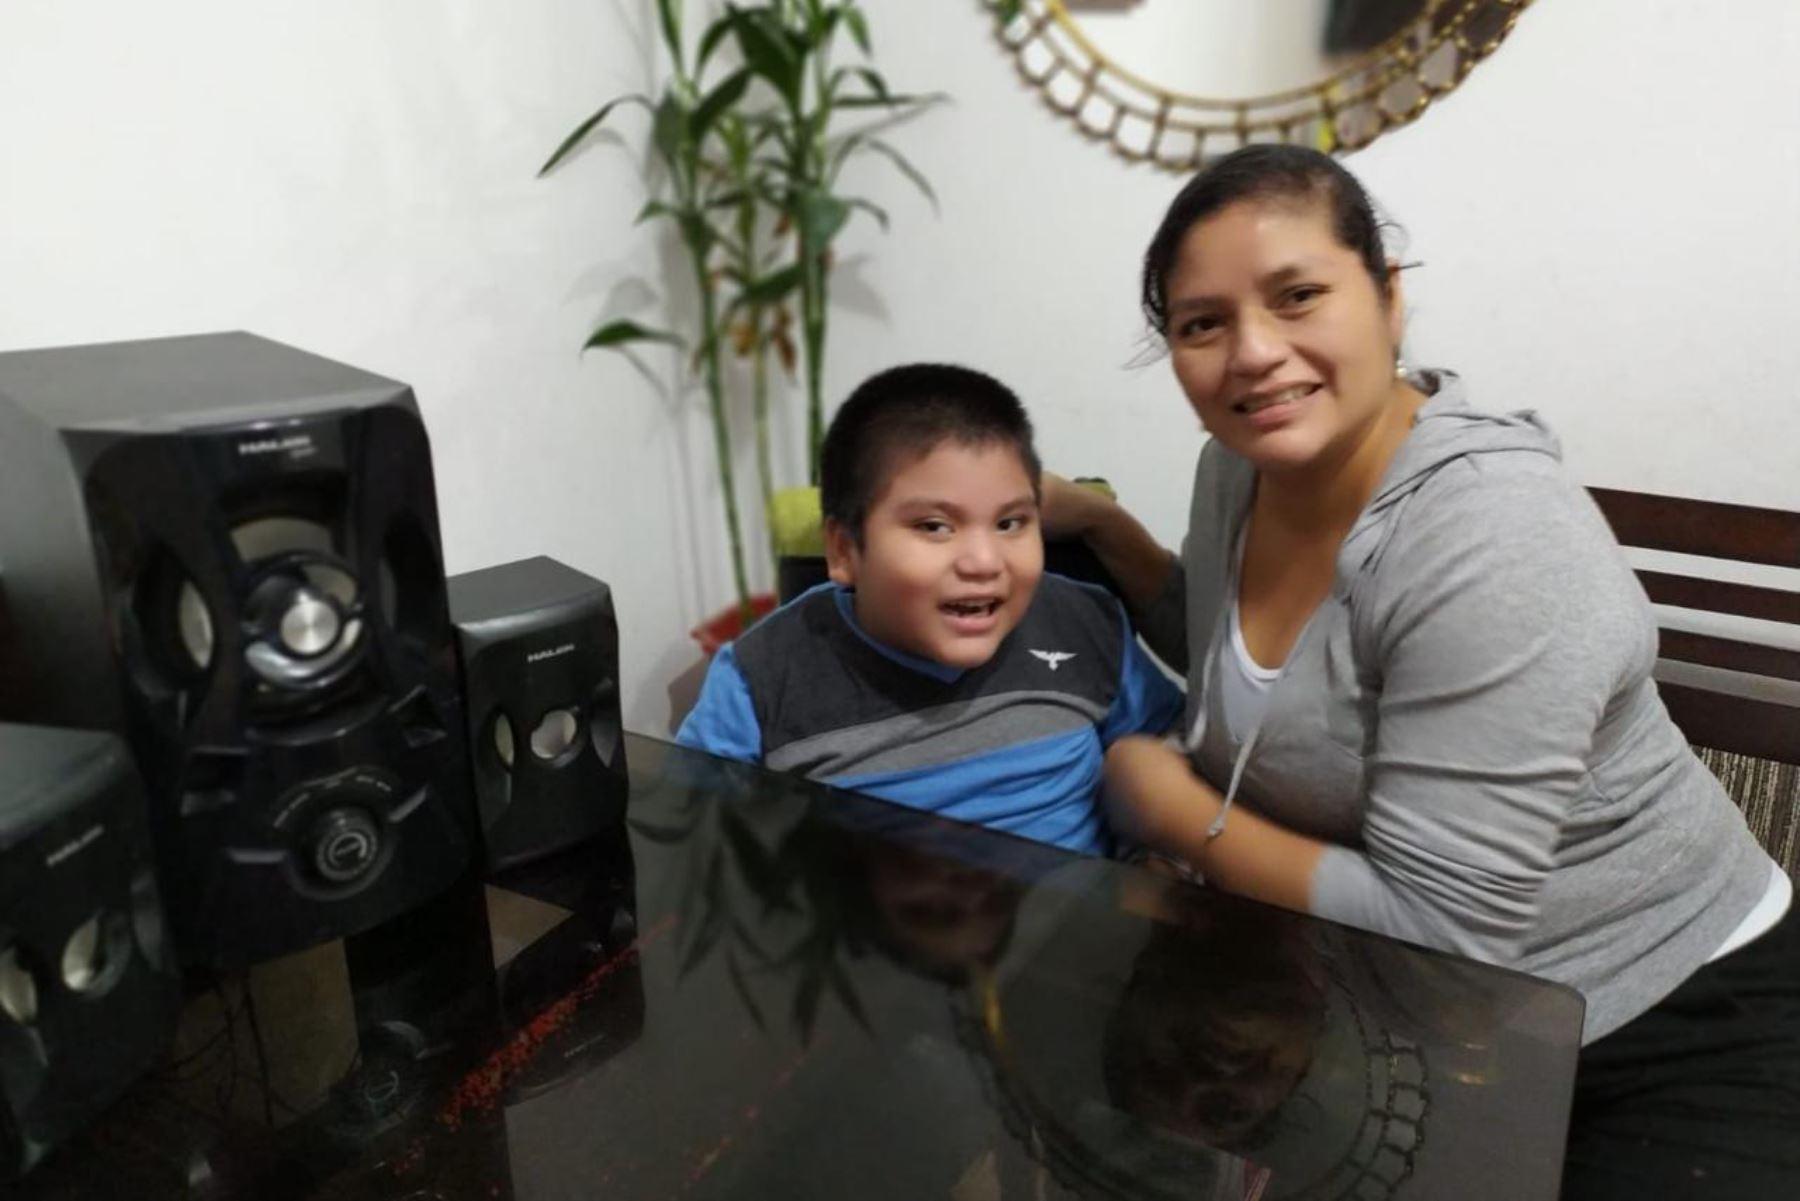 Benjamín, al lado de su madre Alicia Trujillo, es uno de los escolares con necesidades educativas especiales asociadas a discapacidad que se beneficia con el programa Aprendo en Casa. Foto: ANDINA/Minedu